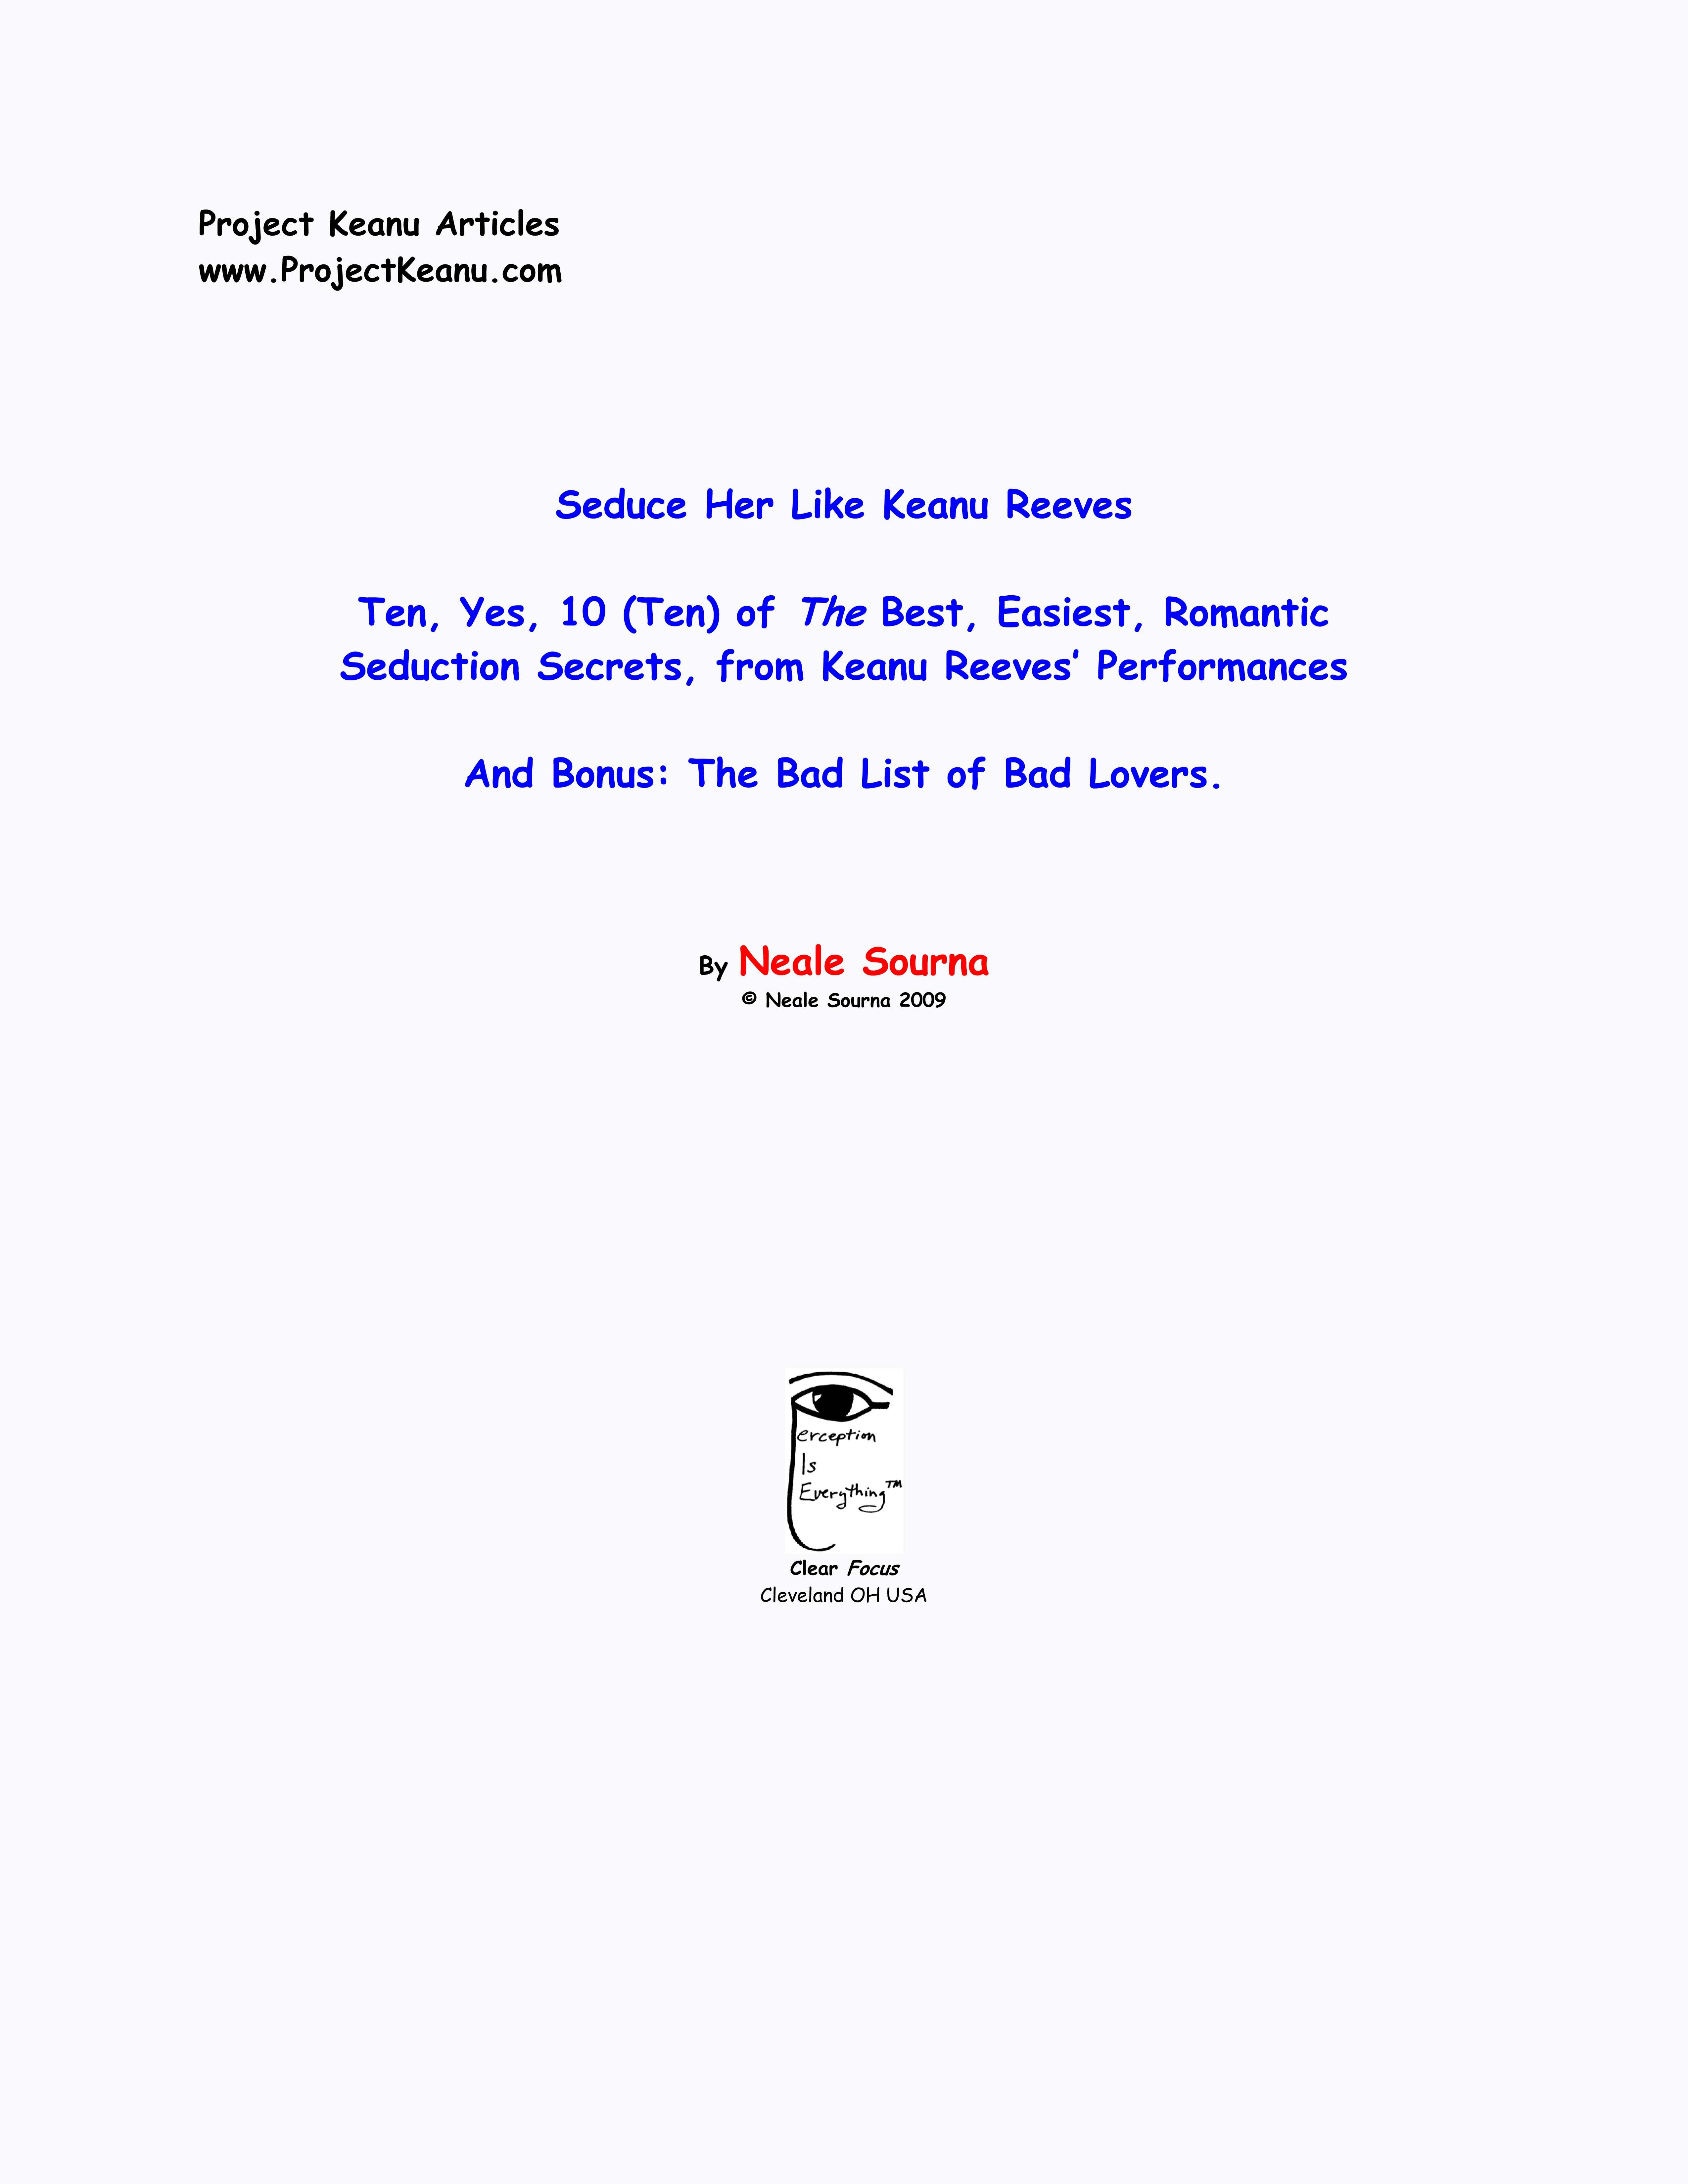 Seduce Her Like Keanu Reeves (3 Articles: Seduce, 10 Seduction Secrets, List of Bad Lovers) EB2370002597432